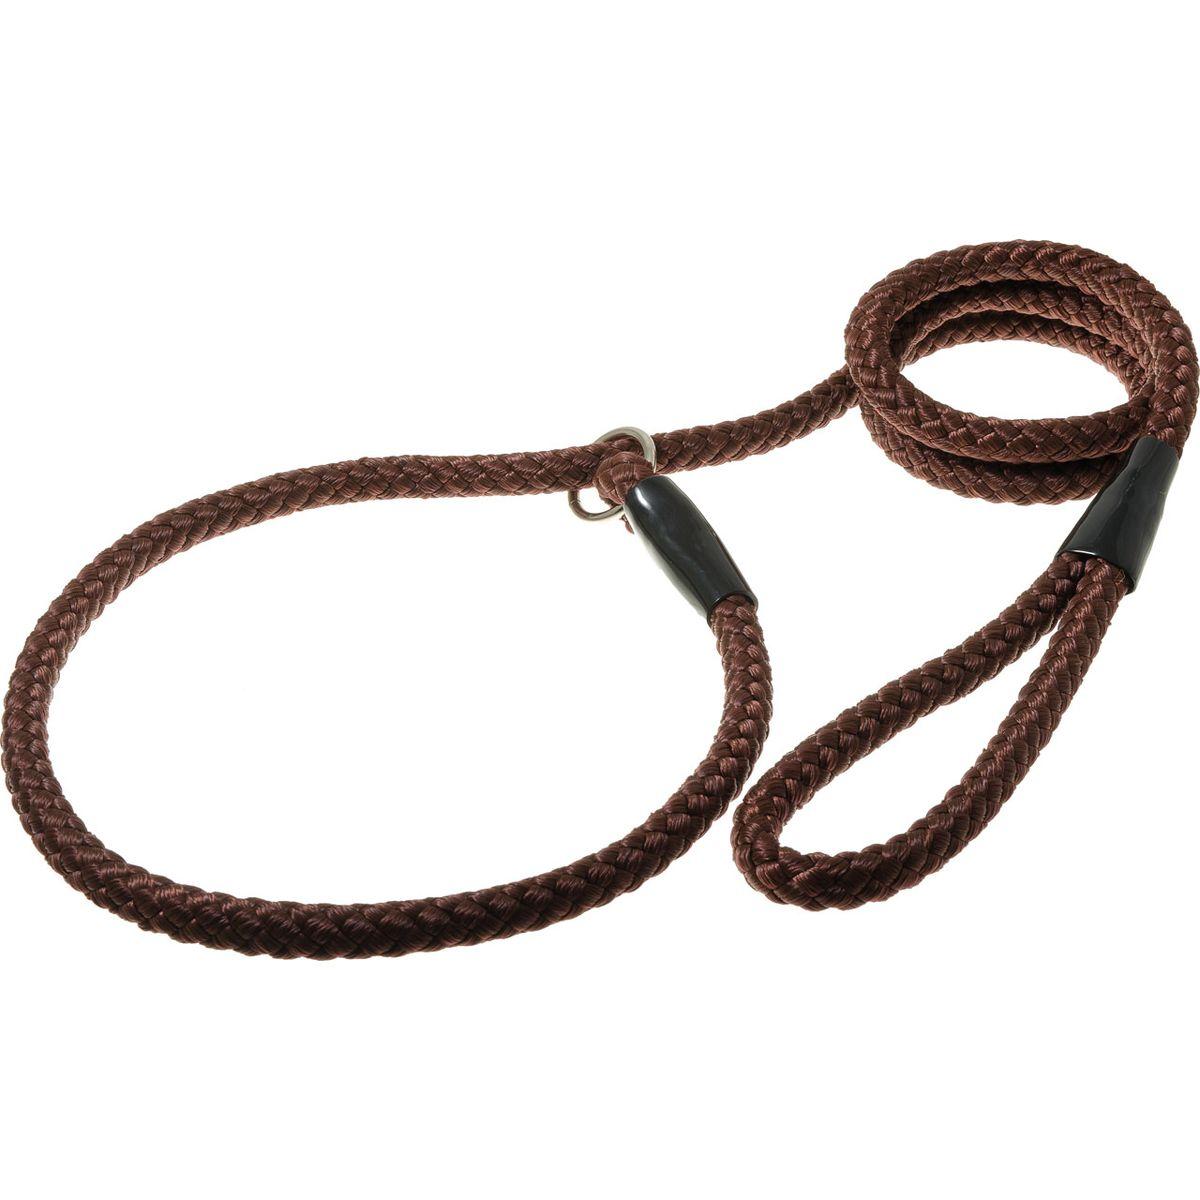 Поводок для собак V.I.Pet, цвет: коричневый, диаметр 12 мм, длина 1,7 м поводок для собак happy house luxury цвет темно коричневый длина 125 см